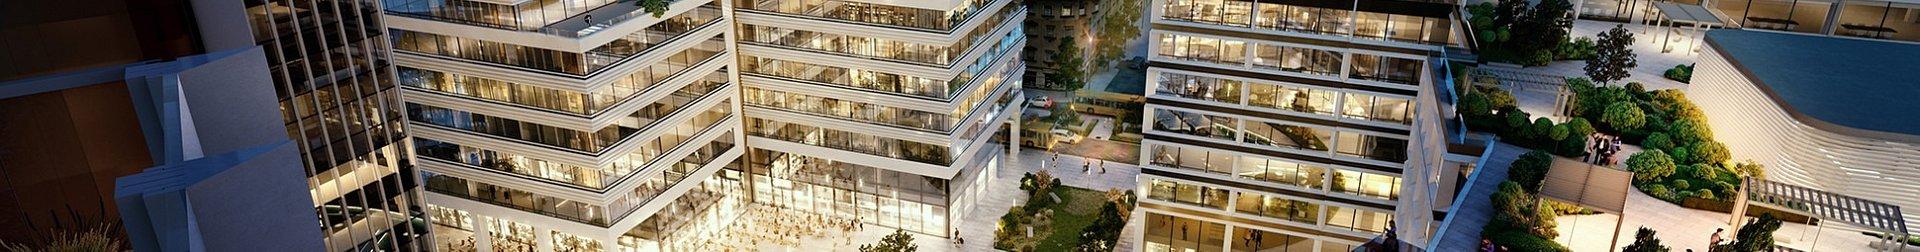 Út a siker felé: 140 millió eurós kölcsönt folyósítanak az Agora Budapestnek